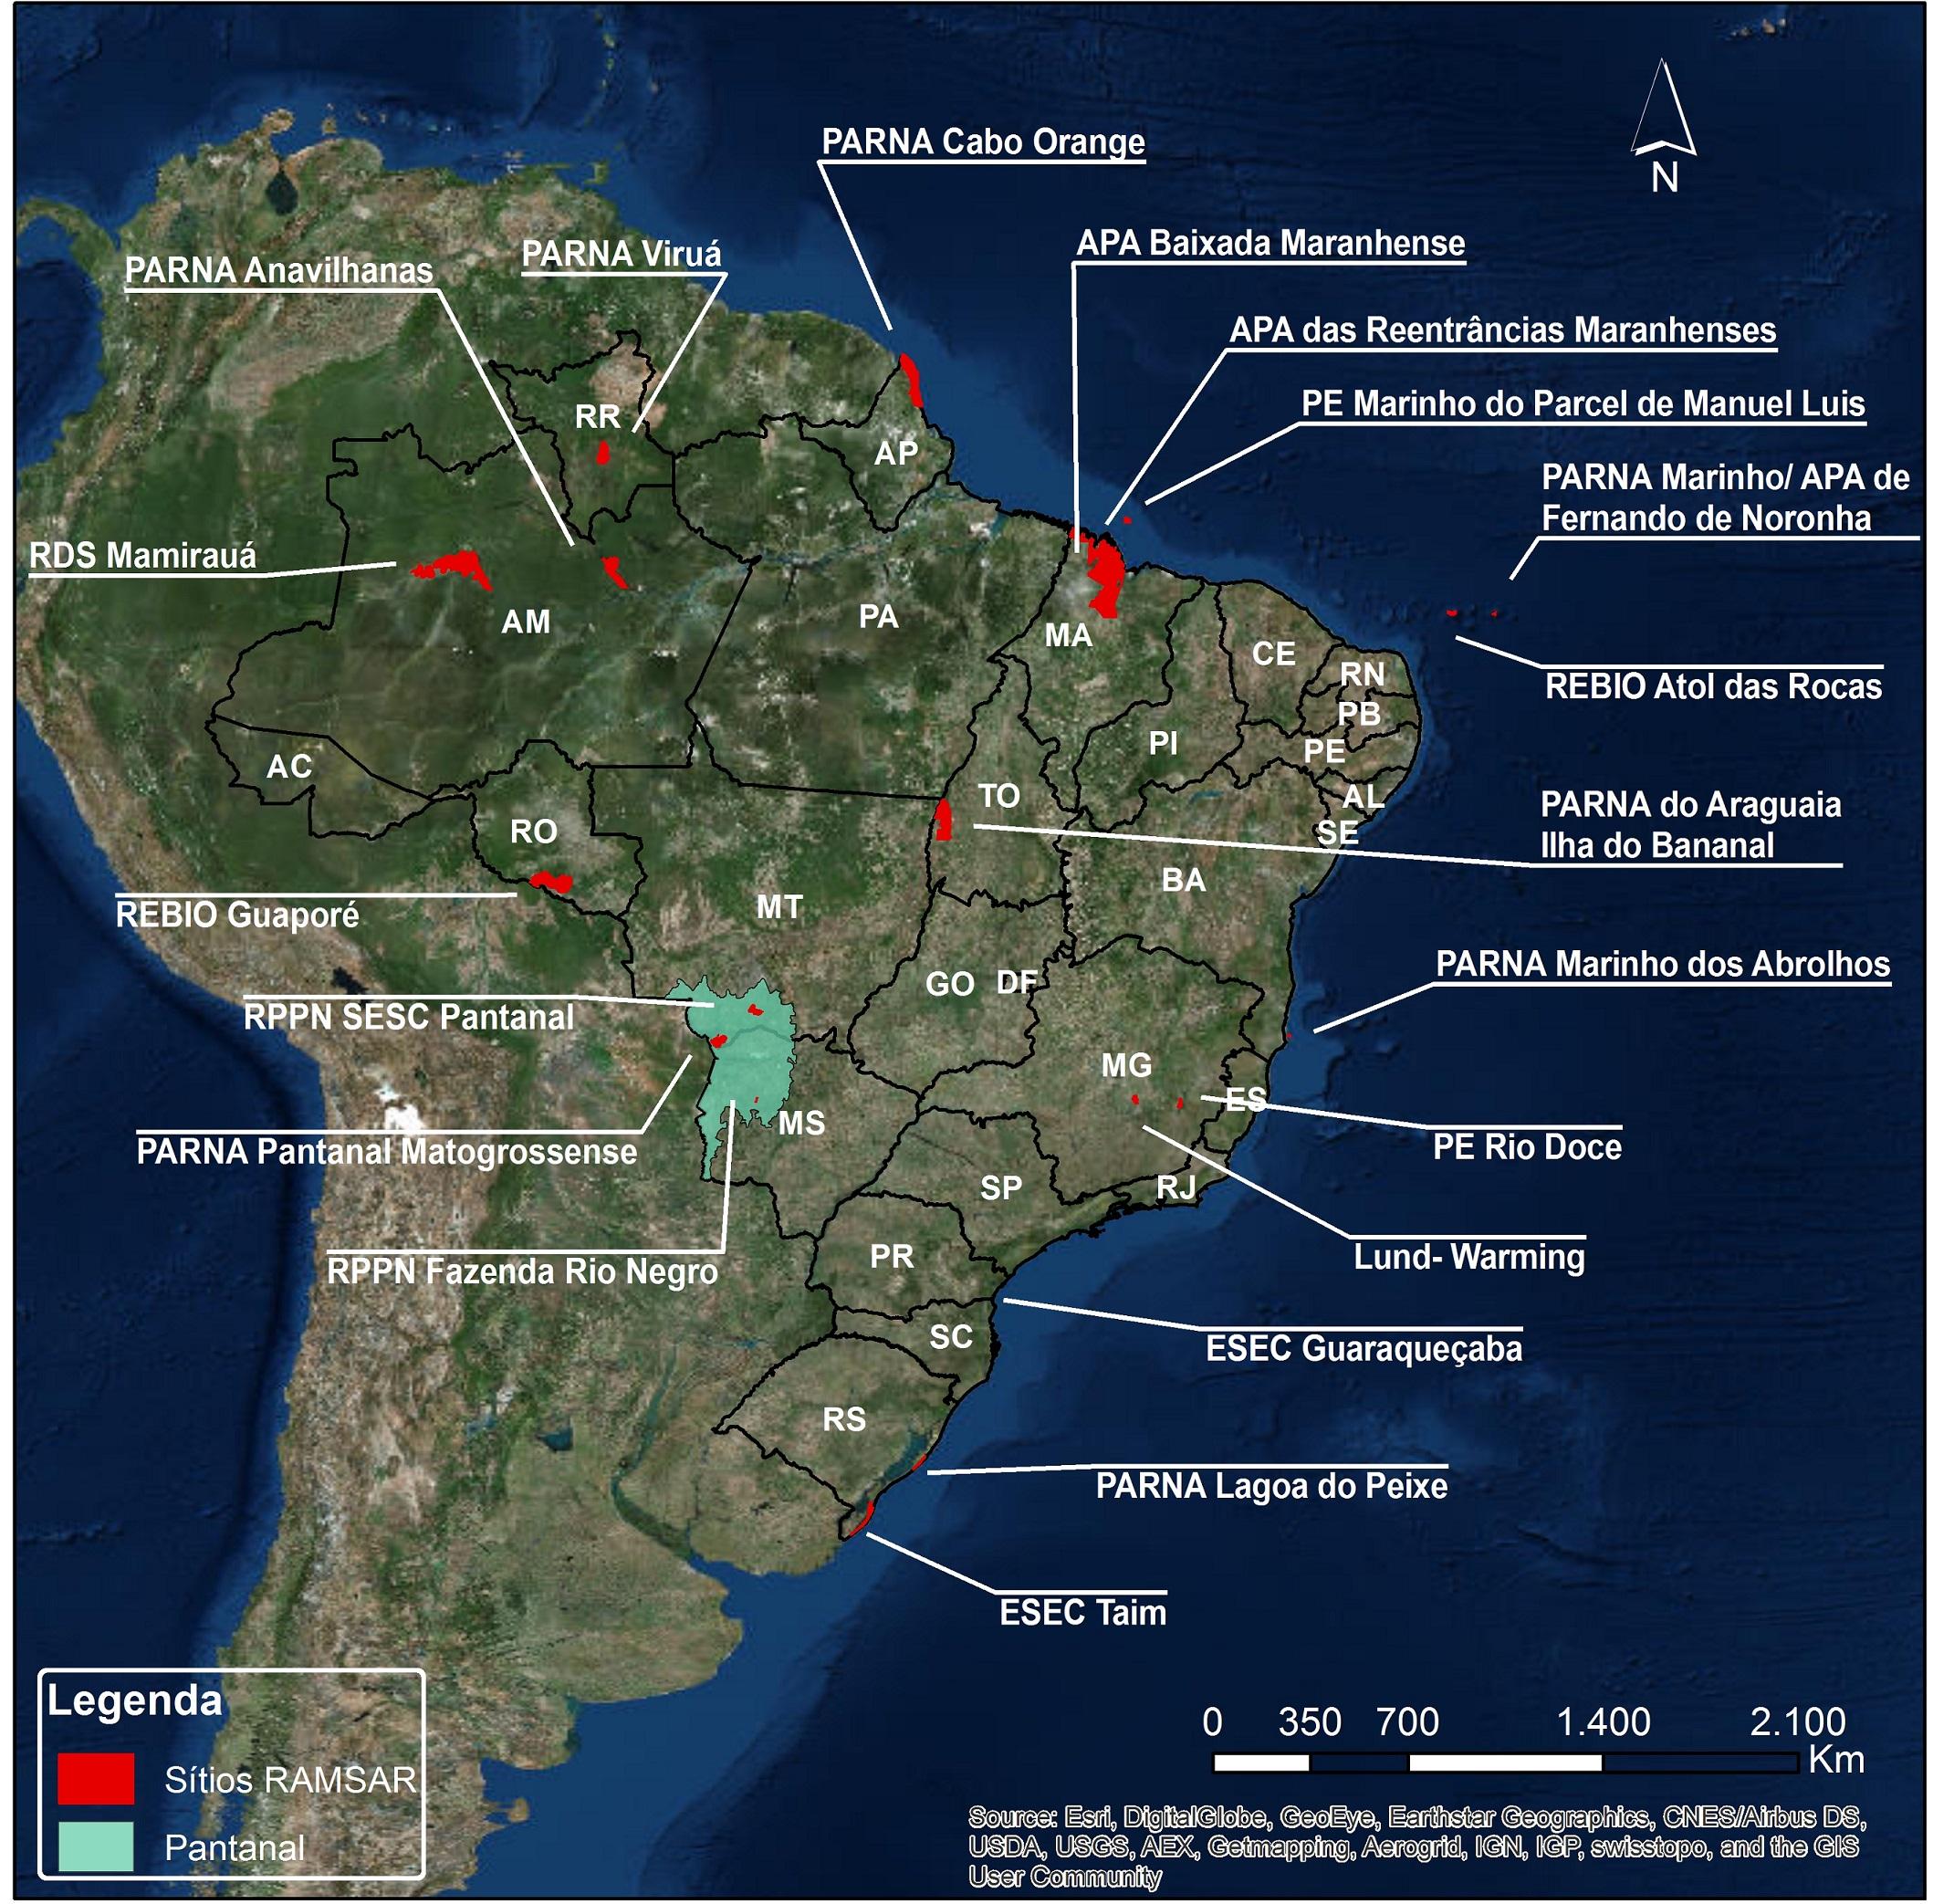 Mapa identifica onde se encontram as Áreas Úmidas no Brasil. Divulgação Fundação Grupo Boticário